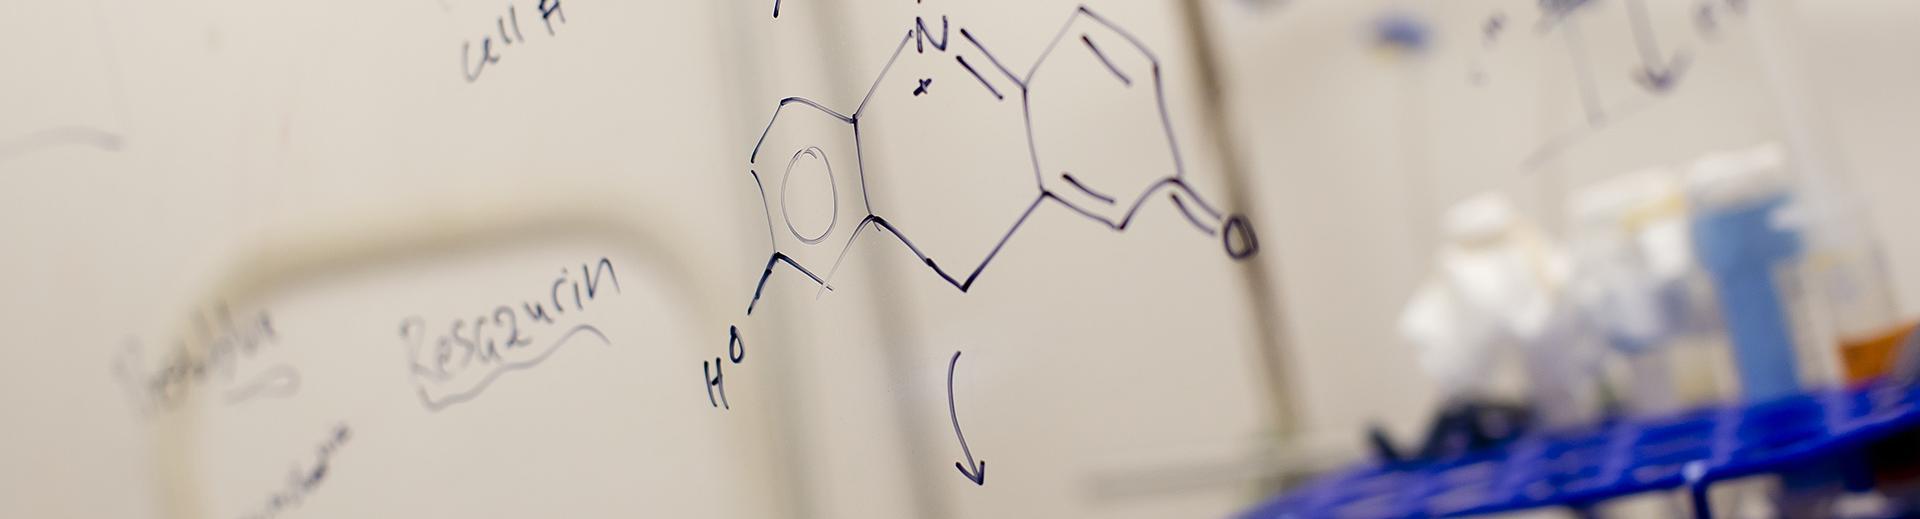 Formulas written on board in a bioengineering classroom